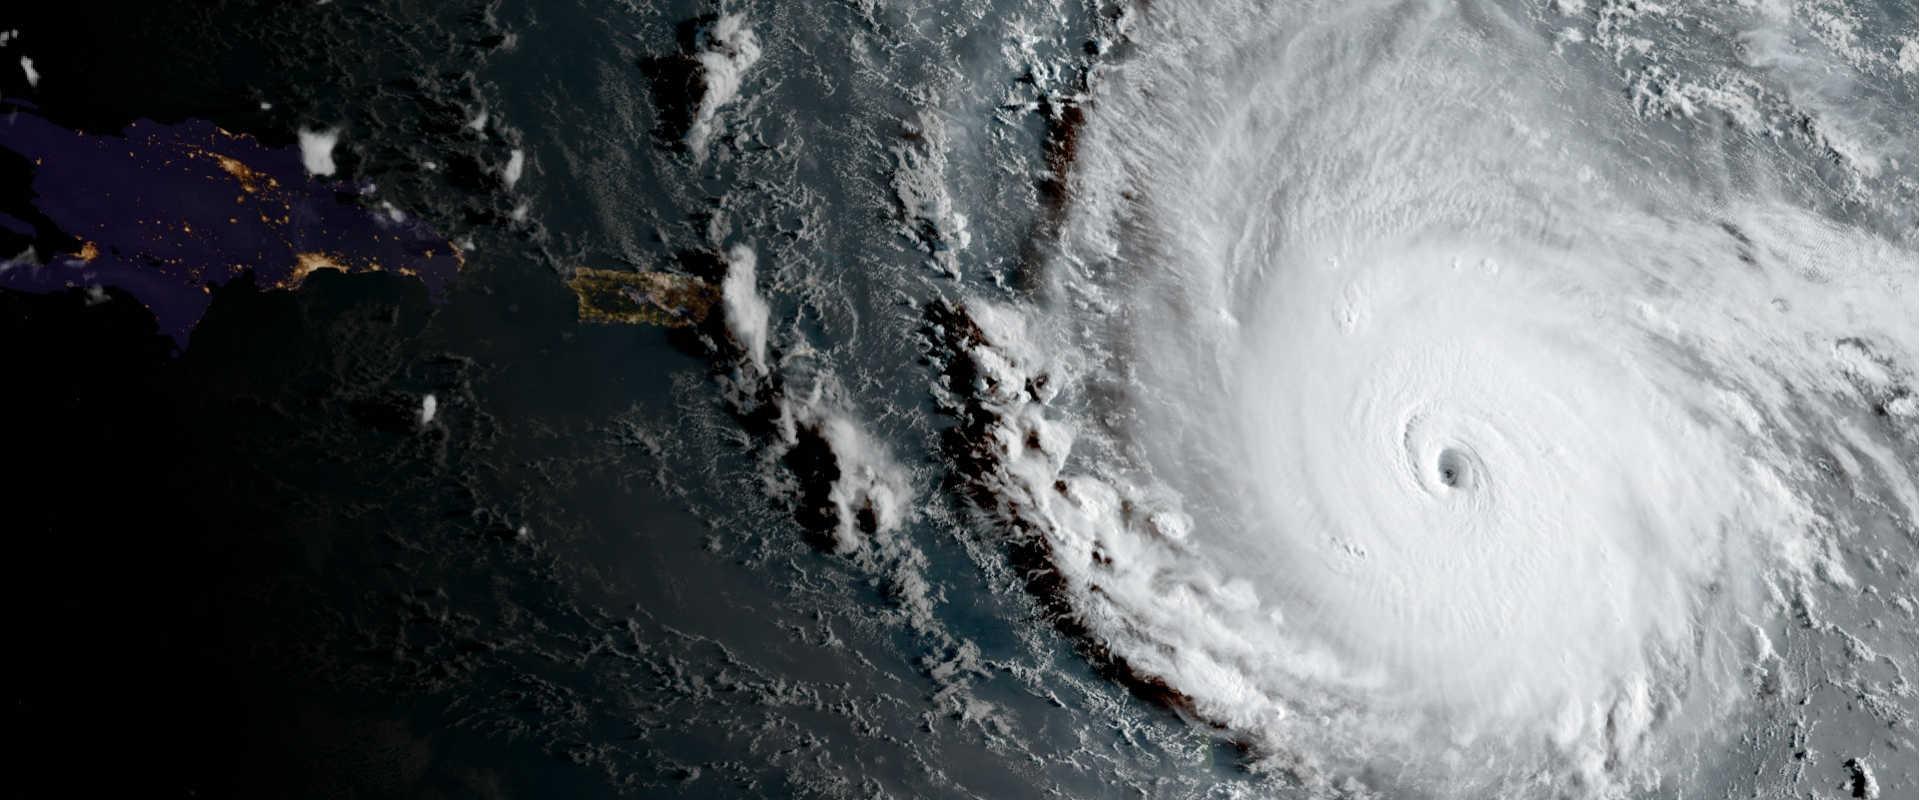 הוריקן אירמה מעל האוקיאנוס האטלנטי